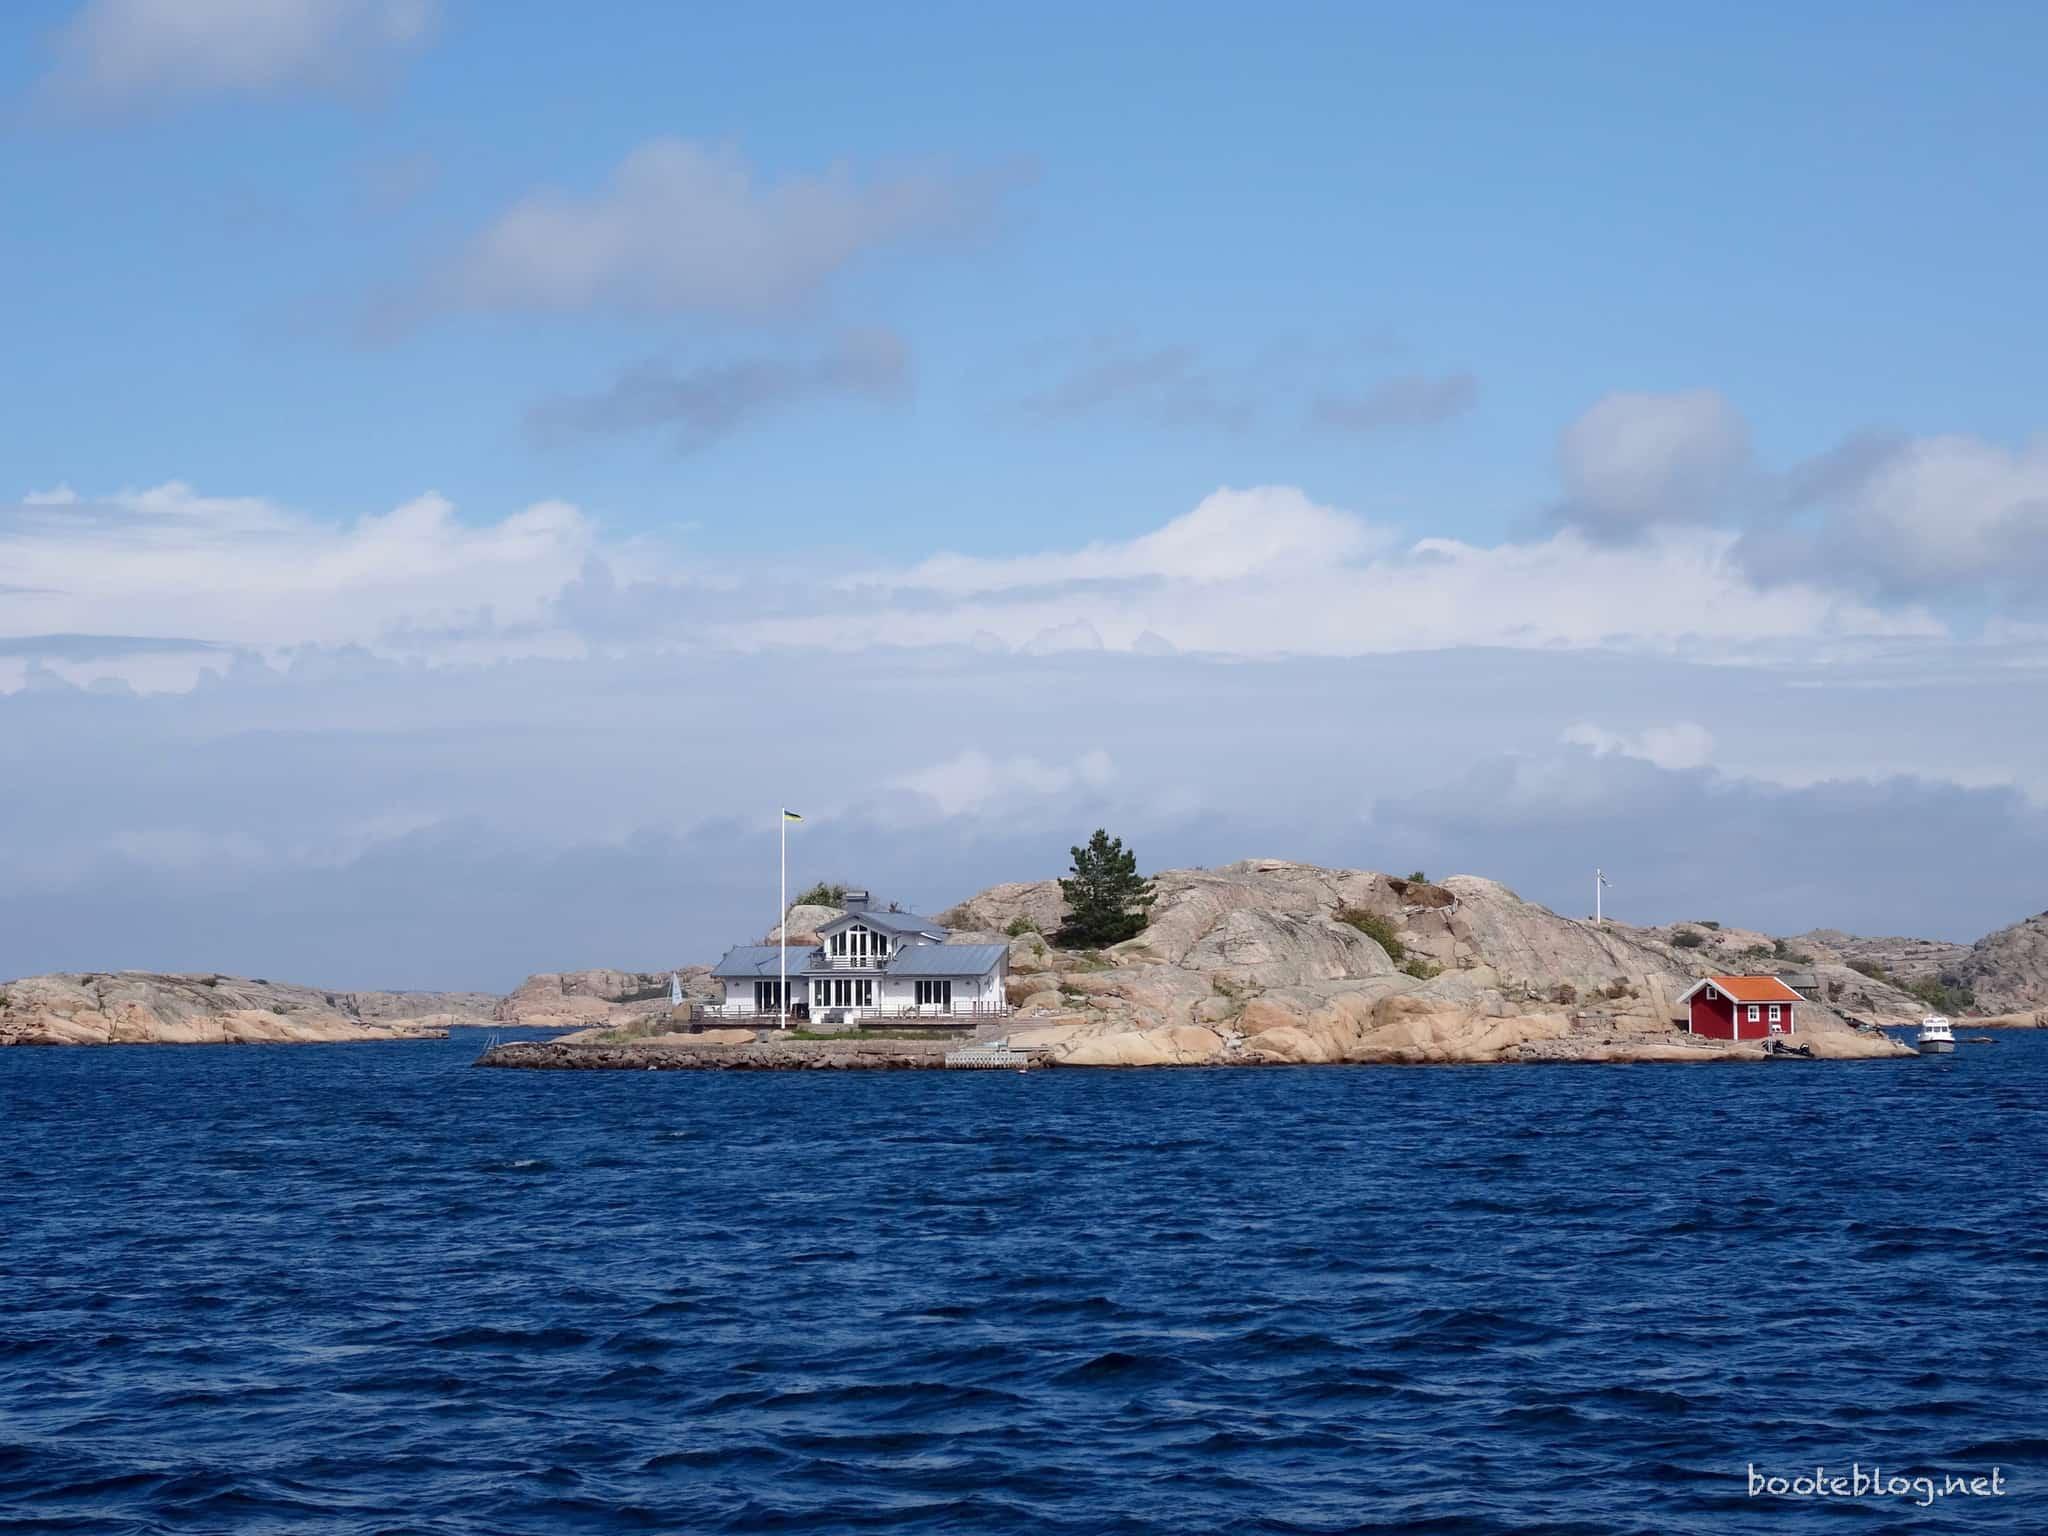 Eine eigene Insel mit nettem Haus darauf - in Schweden ist das nicht unüblich.